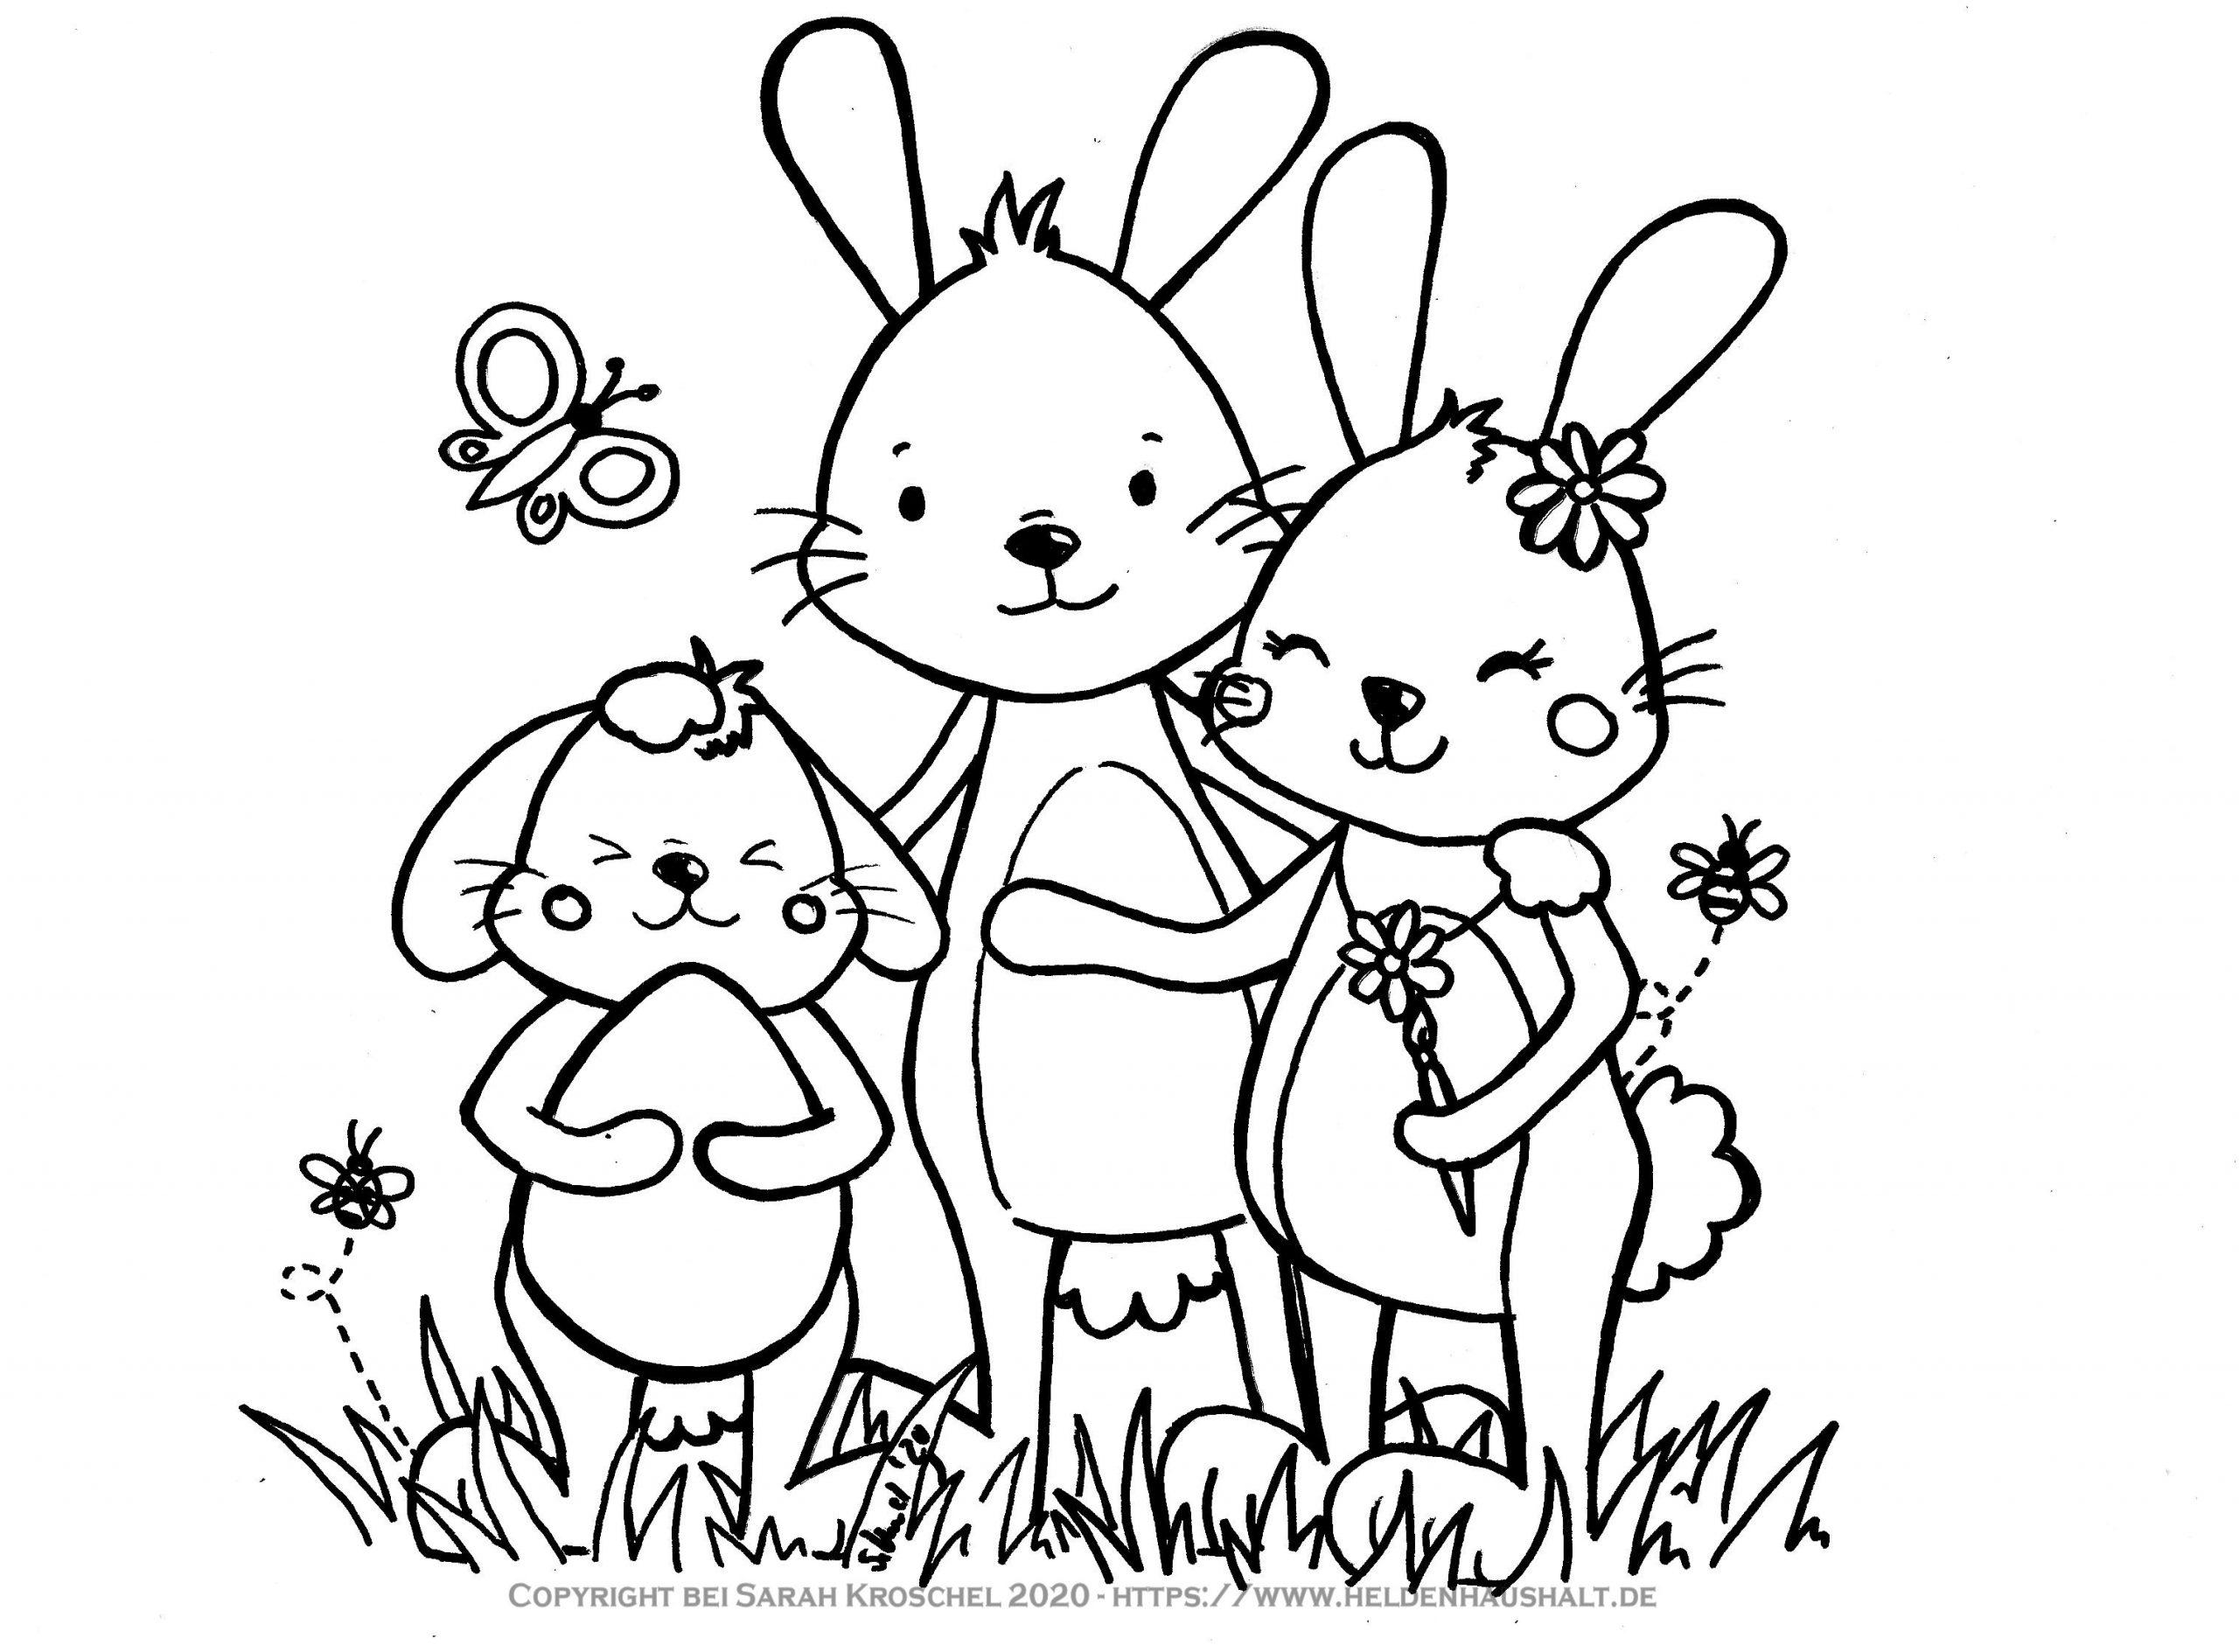 Hallo Hasenfamilie - Seid ihr schon in Osterstimmung? #Ausmalbild